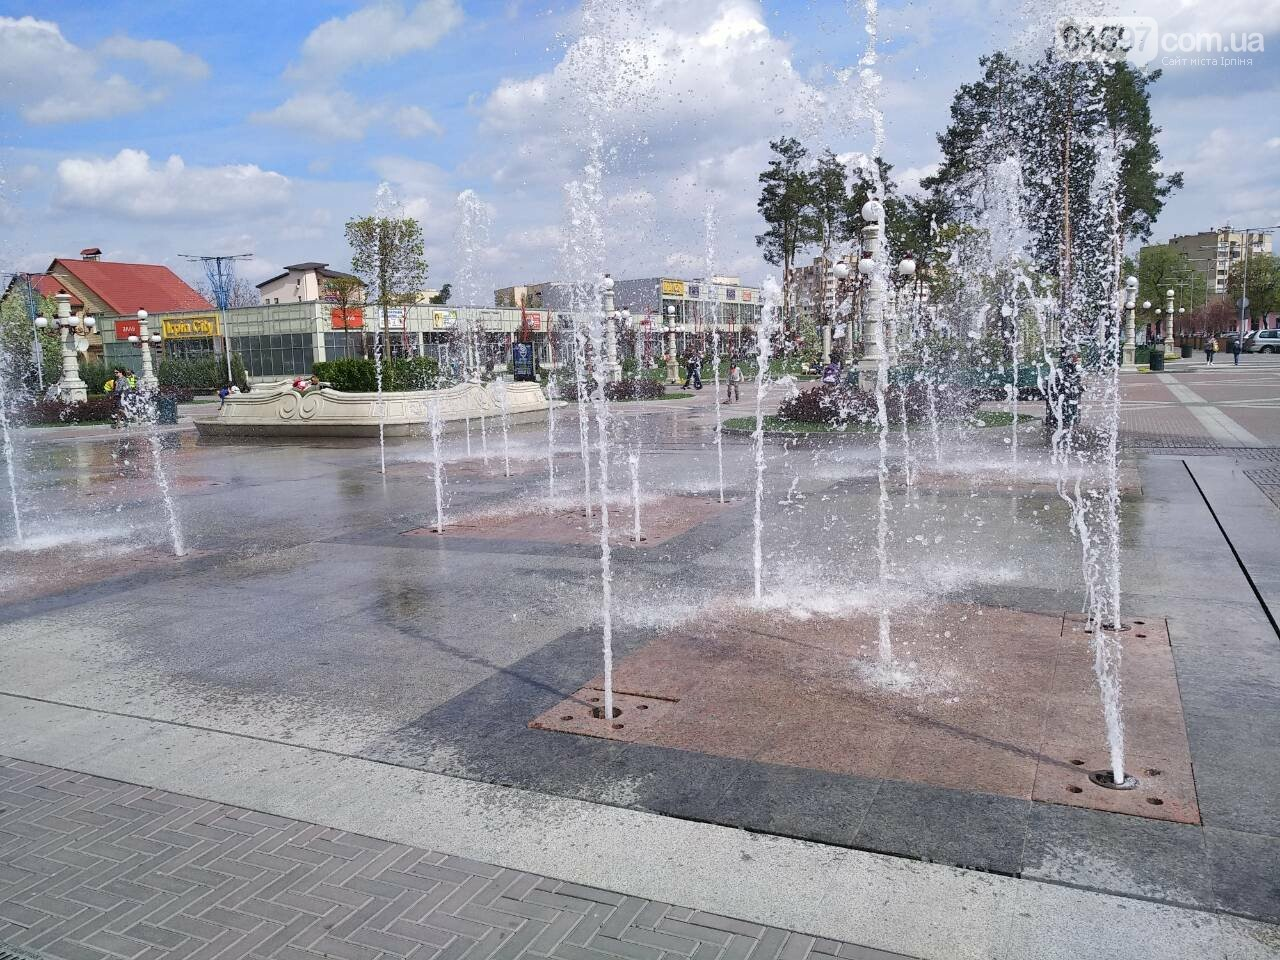 Найближчими днями в центрі Ірпеня запустять фонтан, фото-4